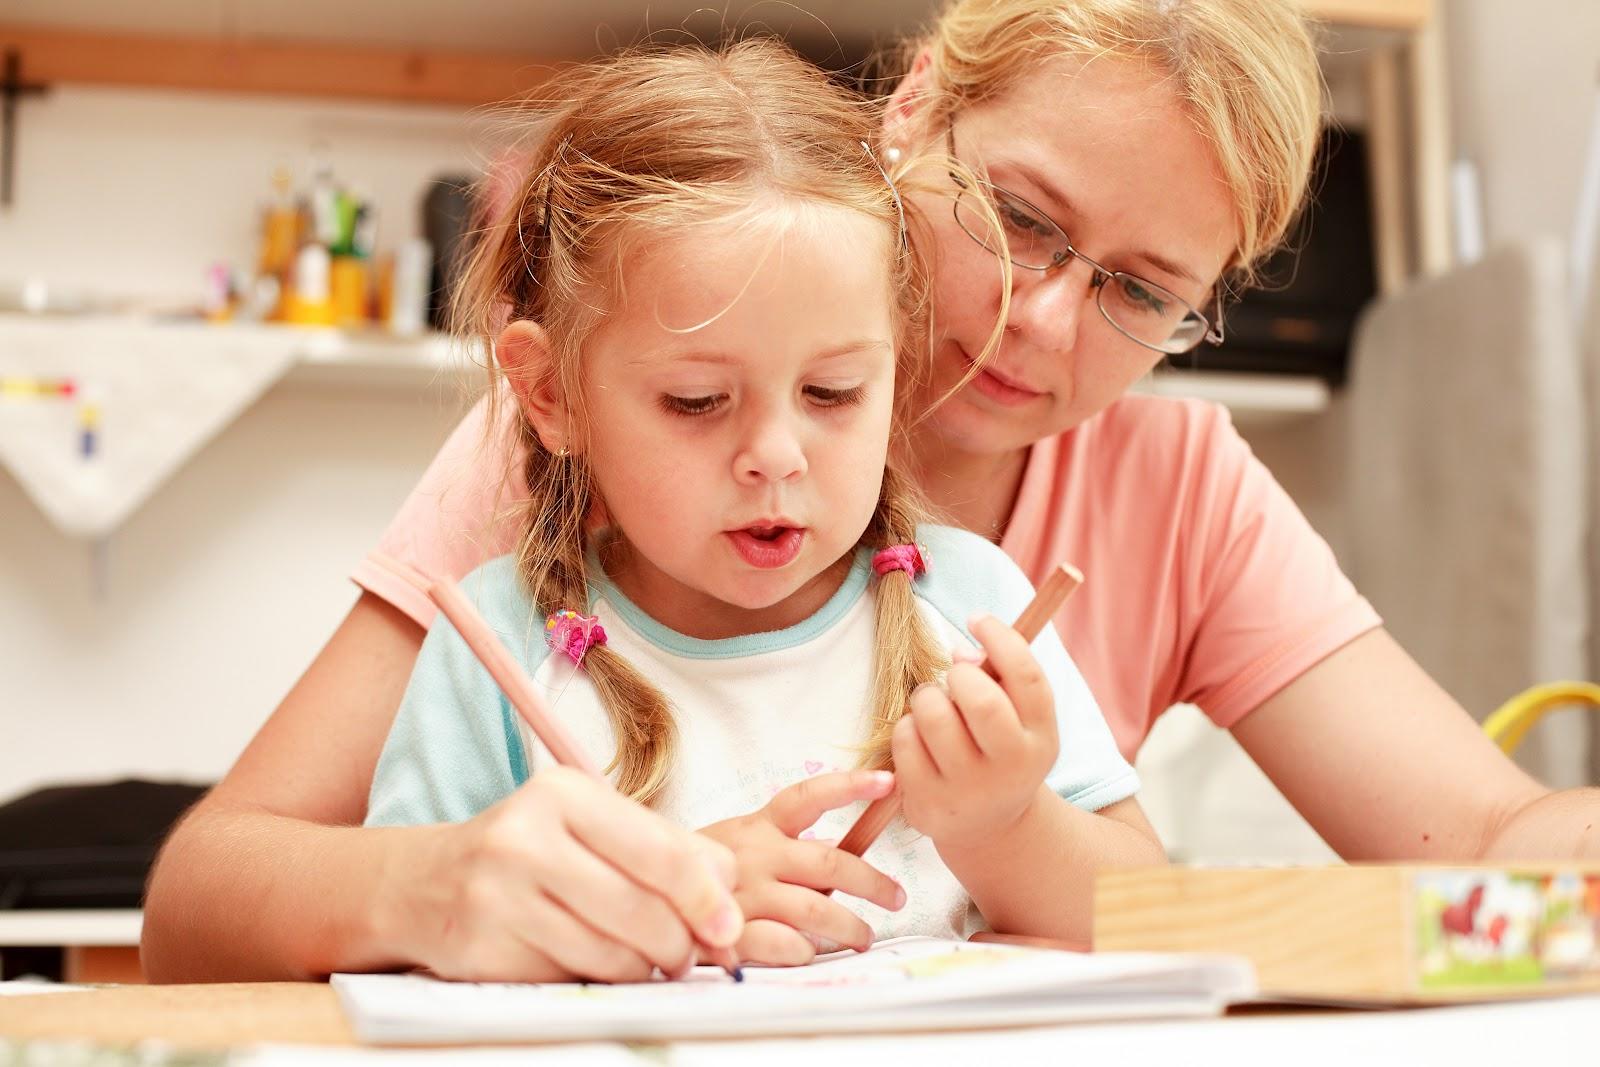 Смотреть онлайн мама помогла сделать уроки 1 фотография